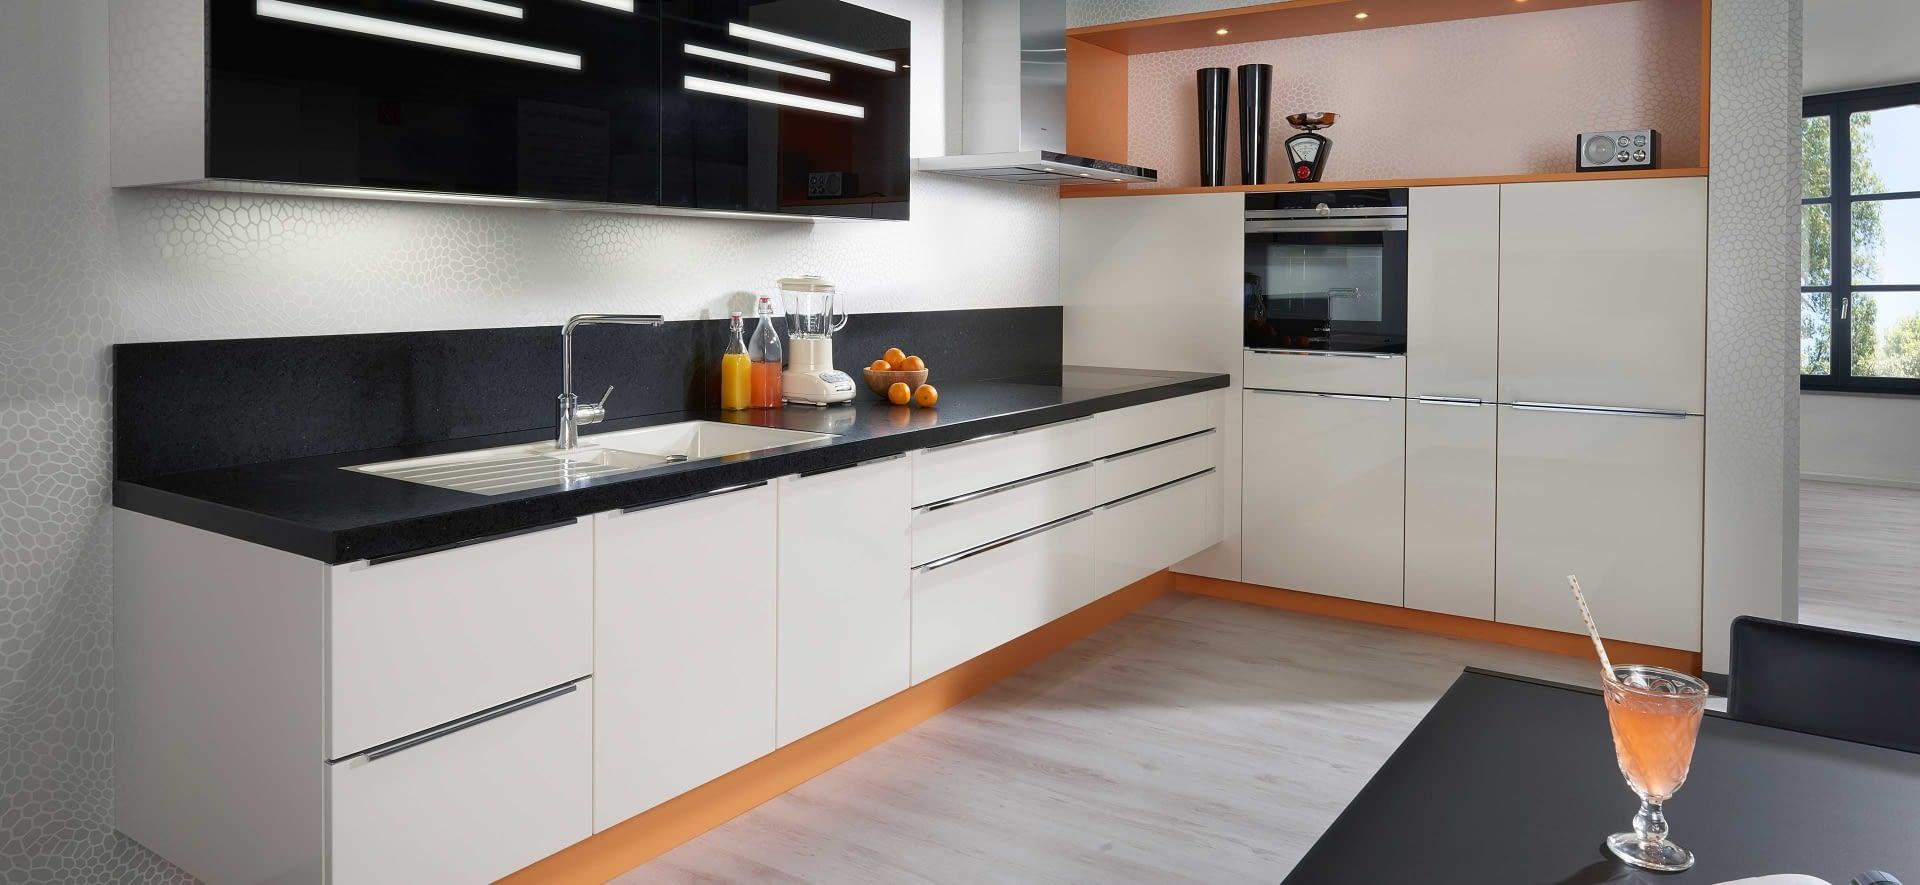 moderne l k che chicago magnolia mit oro preto marquardt k chen. Black Bedroom Furniture Sets. Home Design Ideas